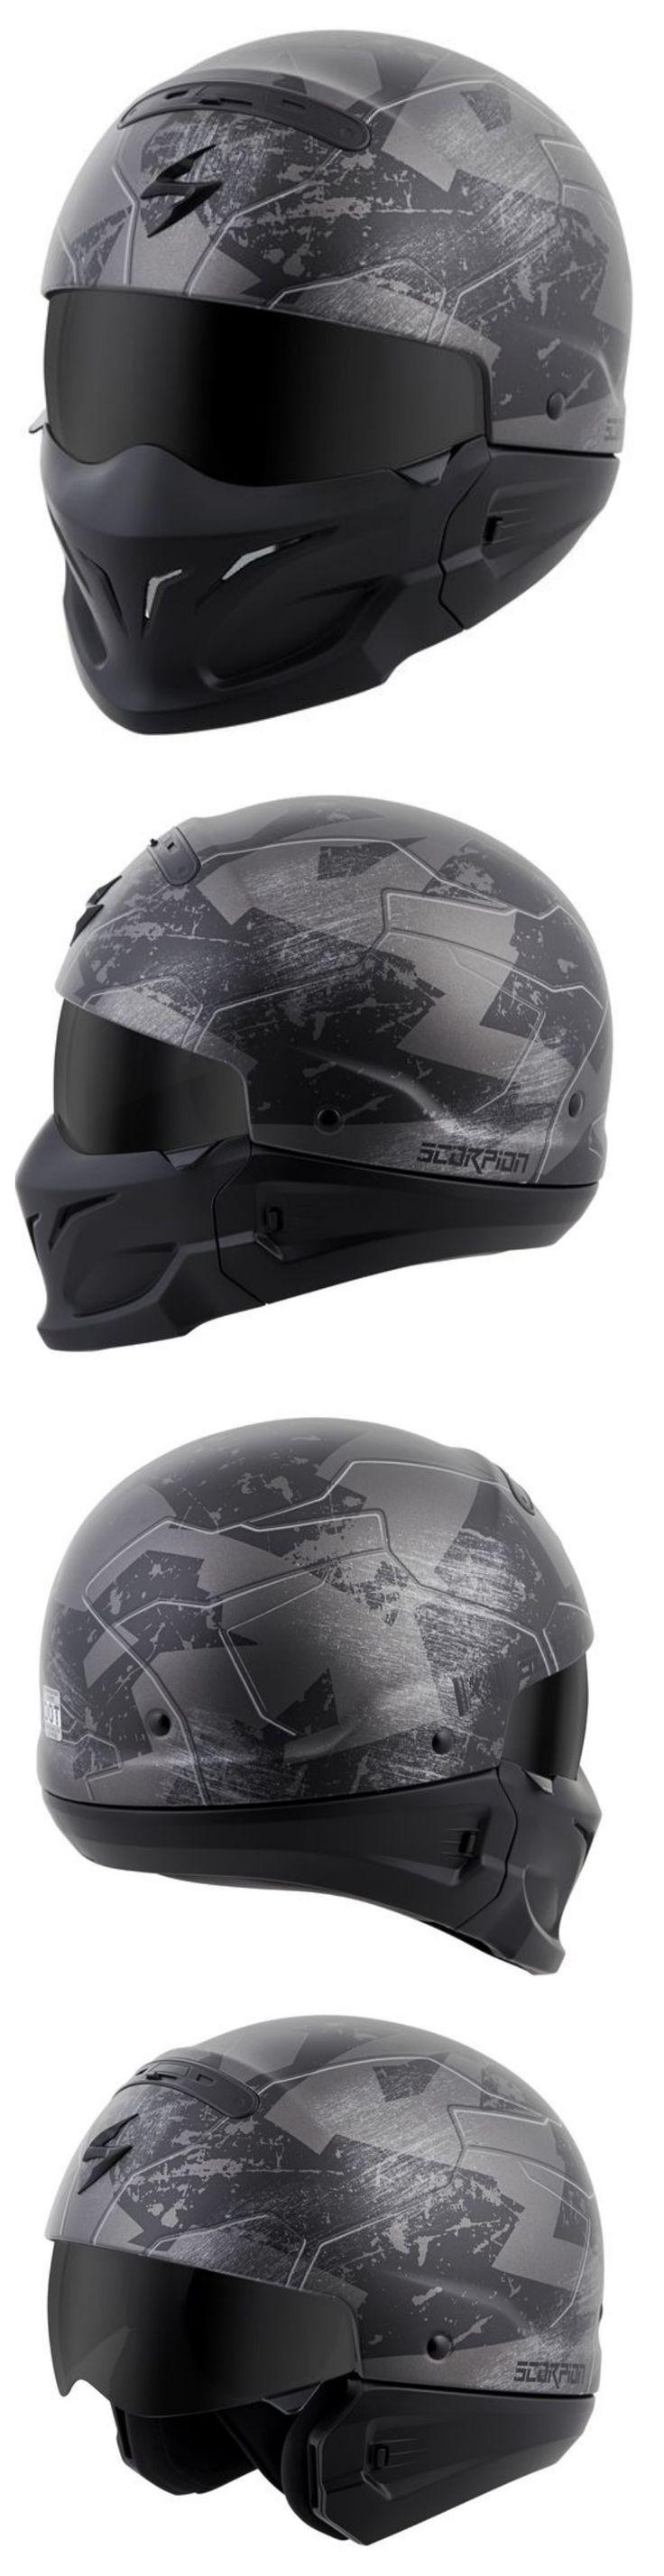 Best bike helmets images on pinterest